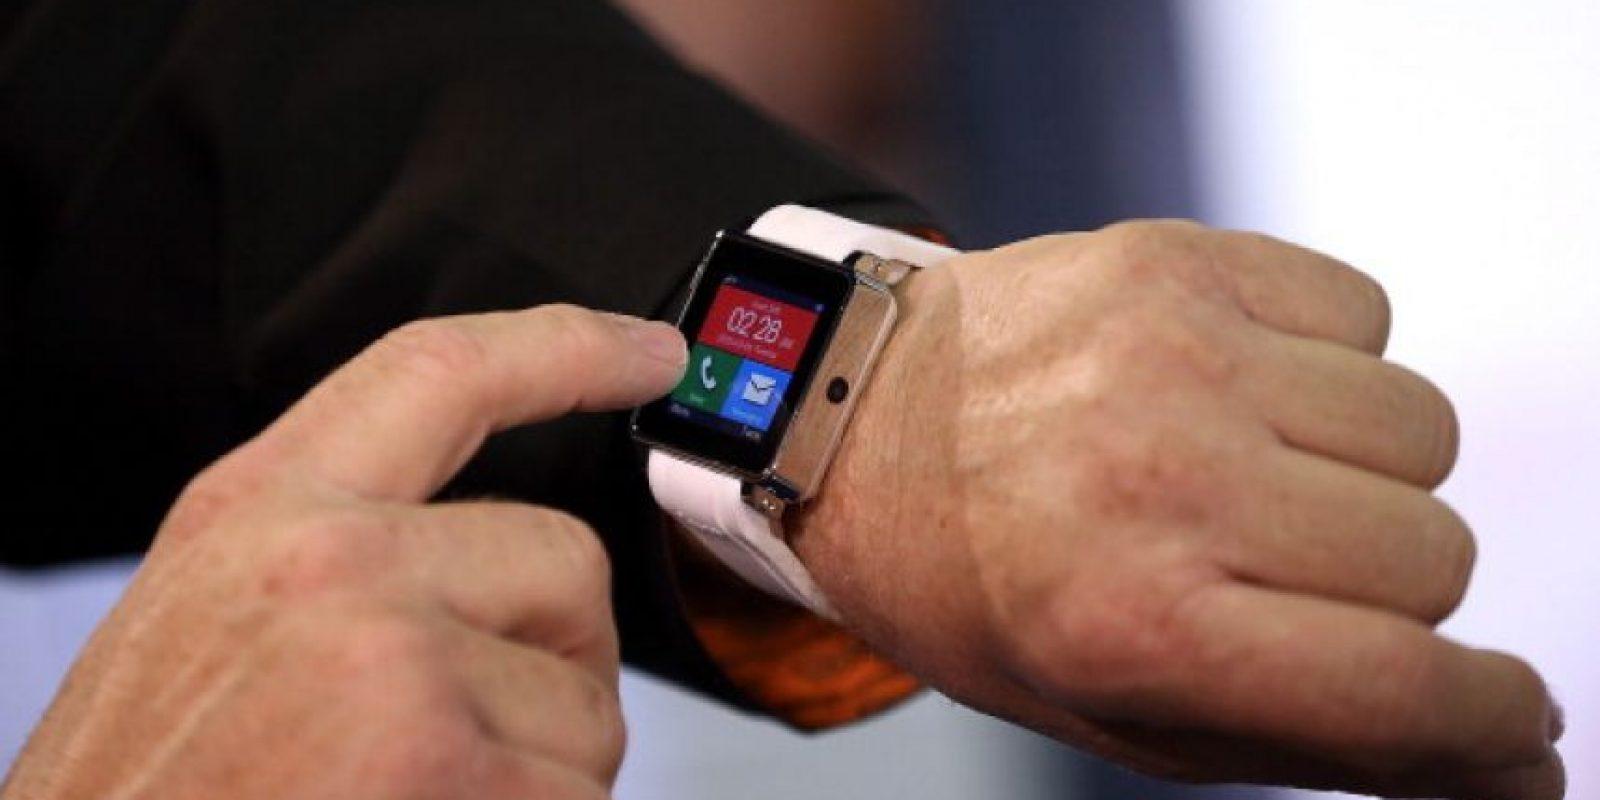 Burg 13, nuevo lanzamiento de la compañía de relojes inteligentes Burg. Foto:Getty Images